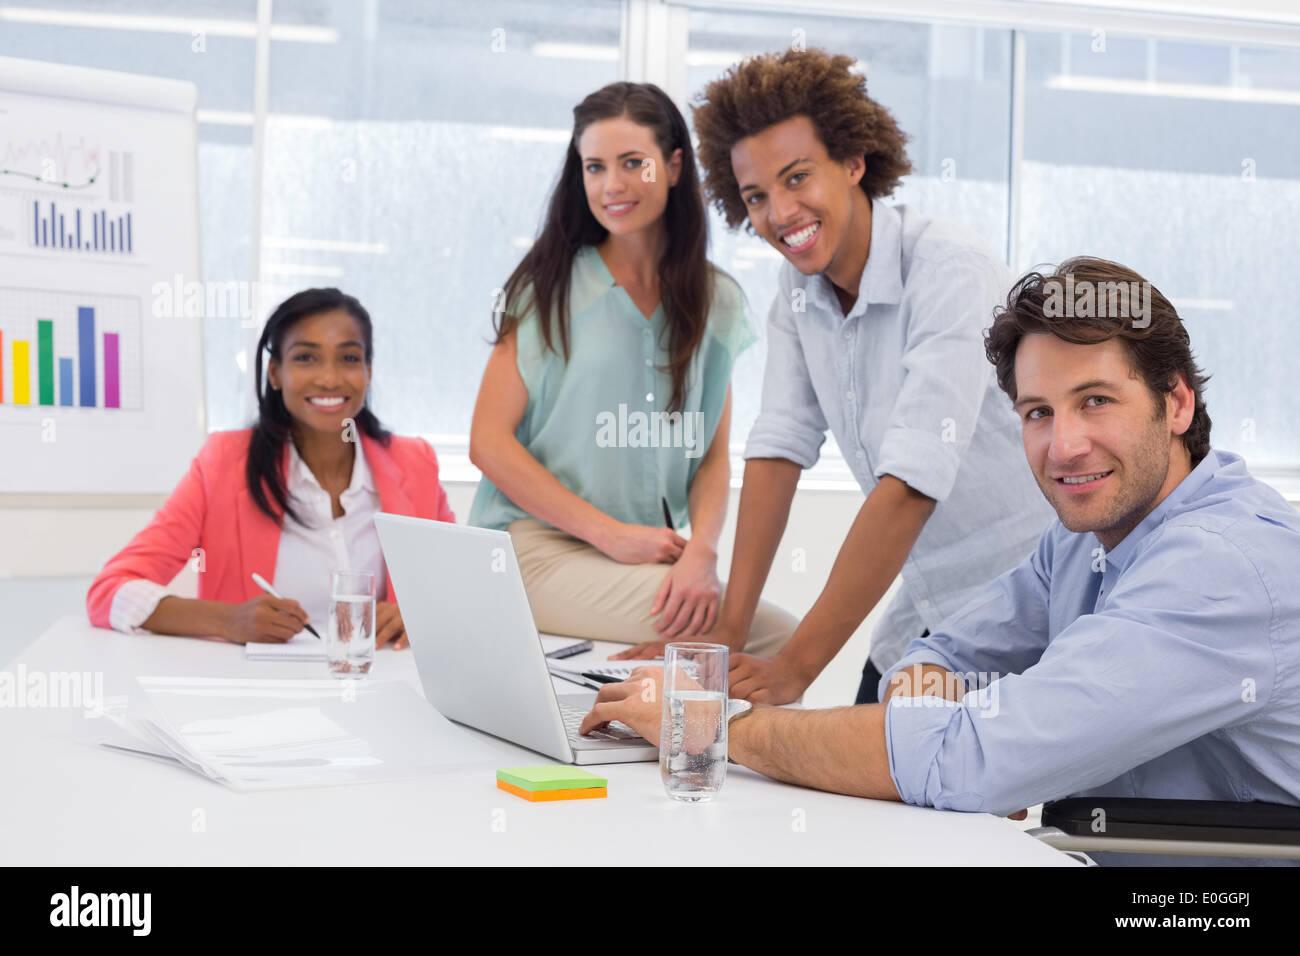 Attraente la gente di affari sul posto di lavoro Immagini Stock